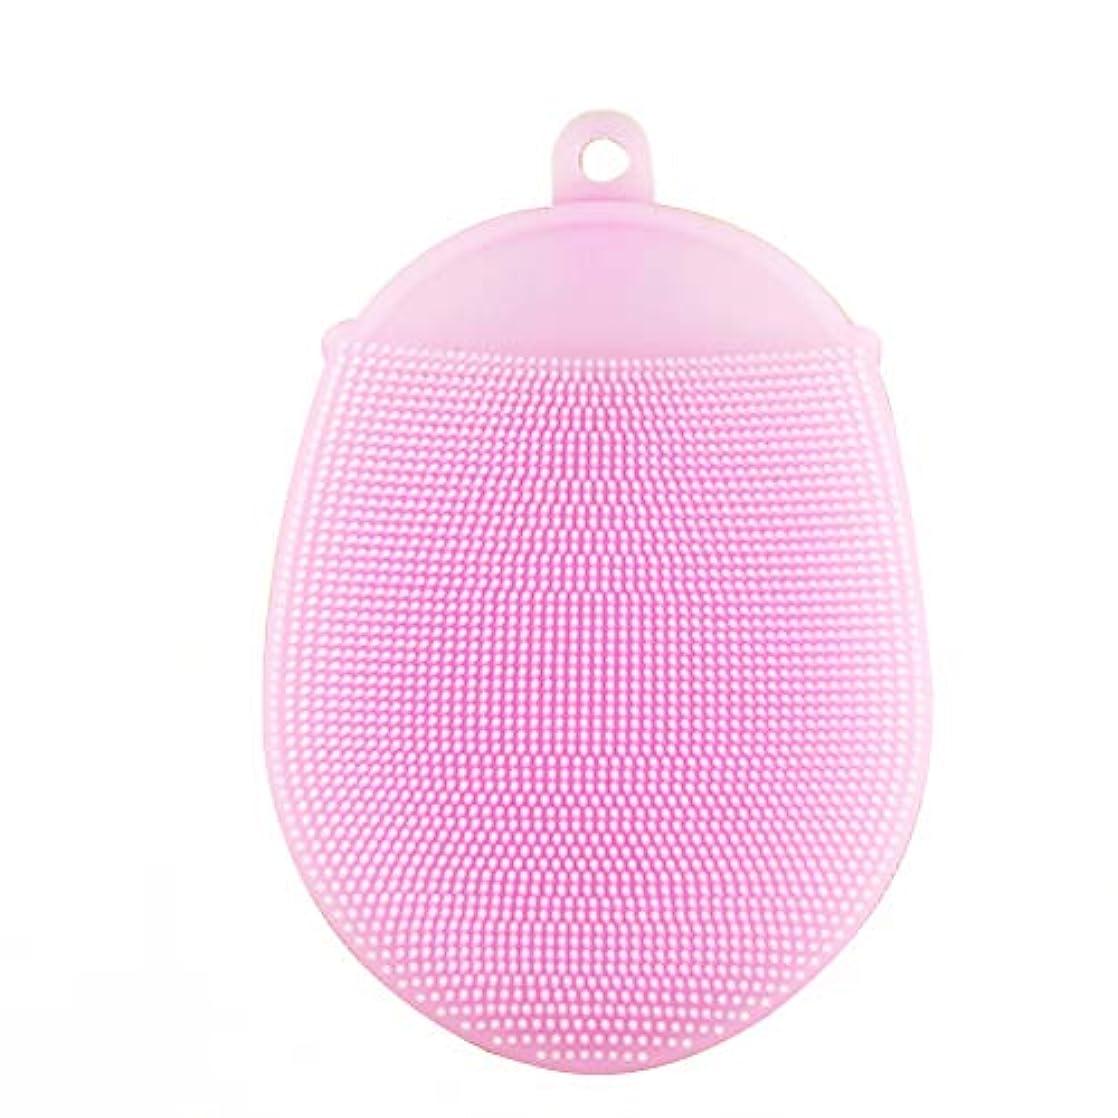 引退する深さ聞くHealifty シリコンボディ入浴ブラシフェイスクレンザーブラシパッドシャワースクラバー手袋2本(ピンク)